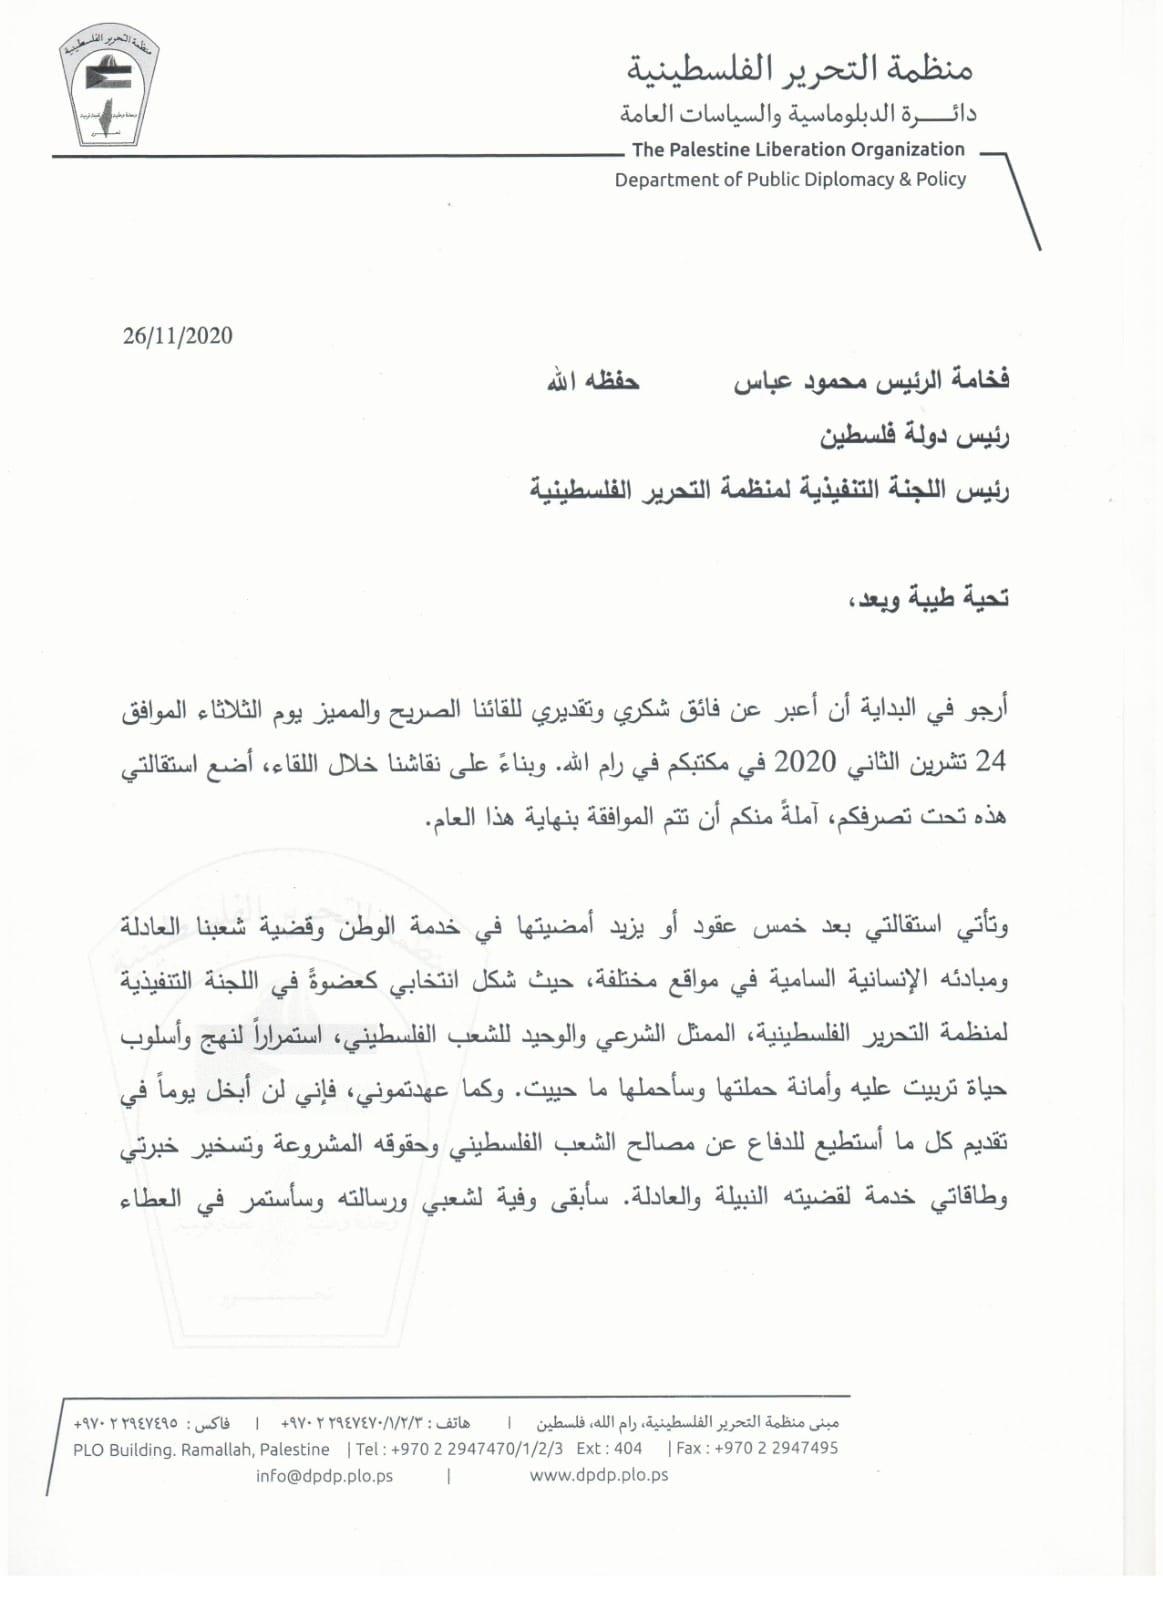 بيان استقالة حنان عشراوي، المسؤولة المخضرمة في منظمة التحرير الفلسطينية.